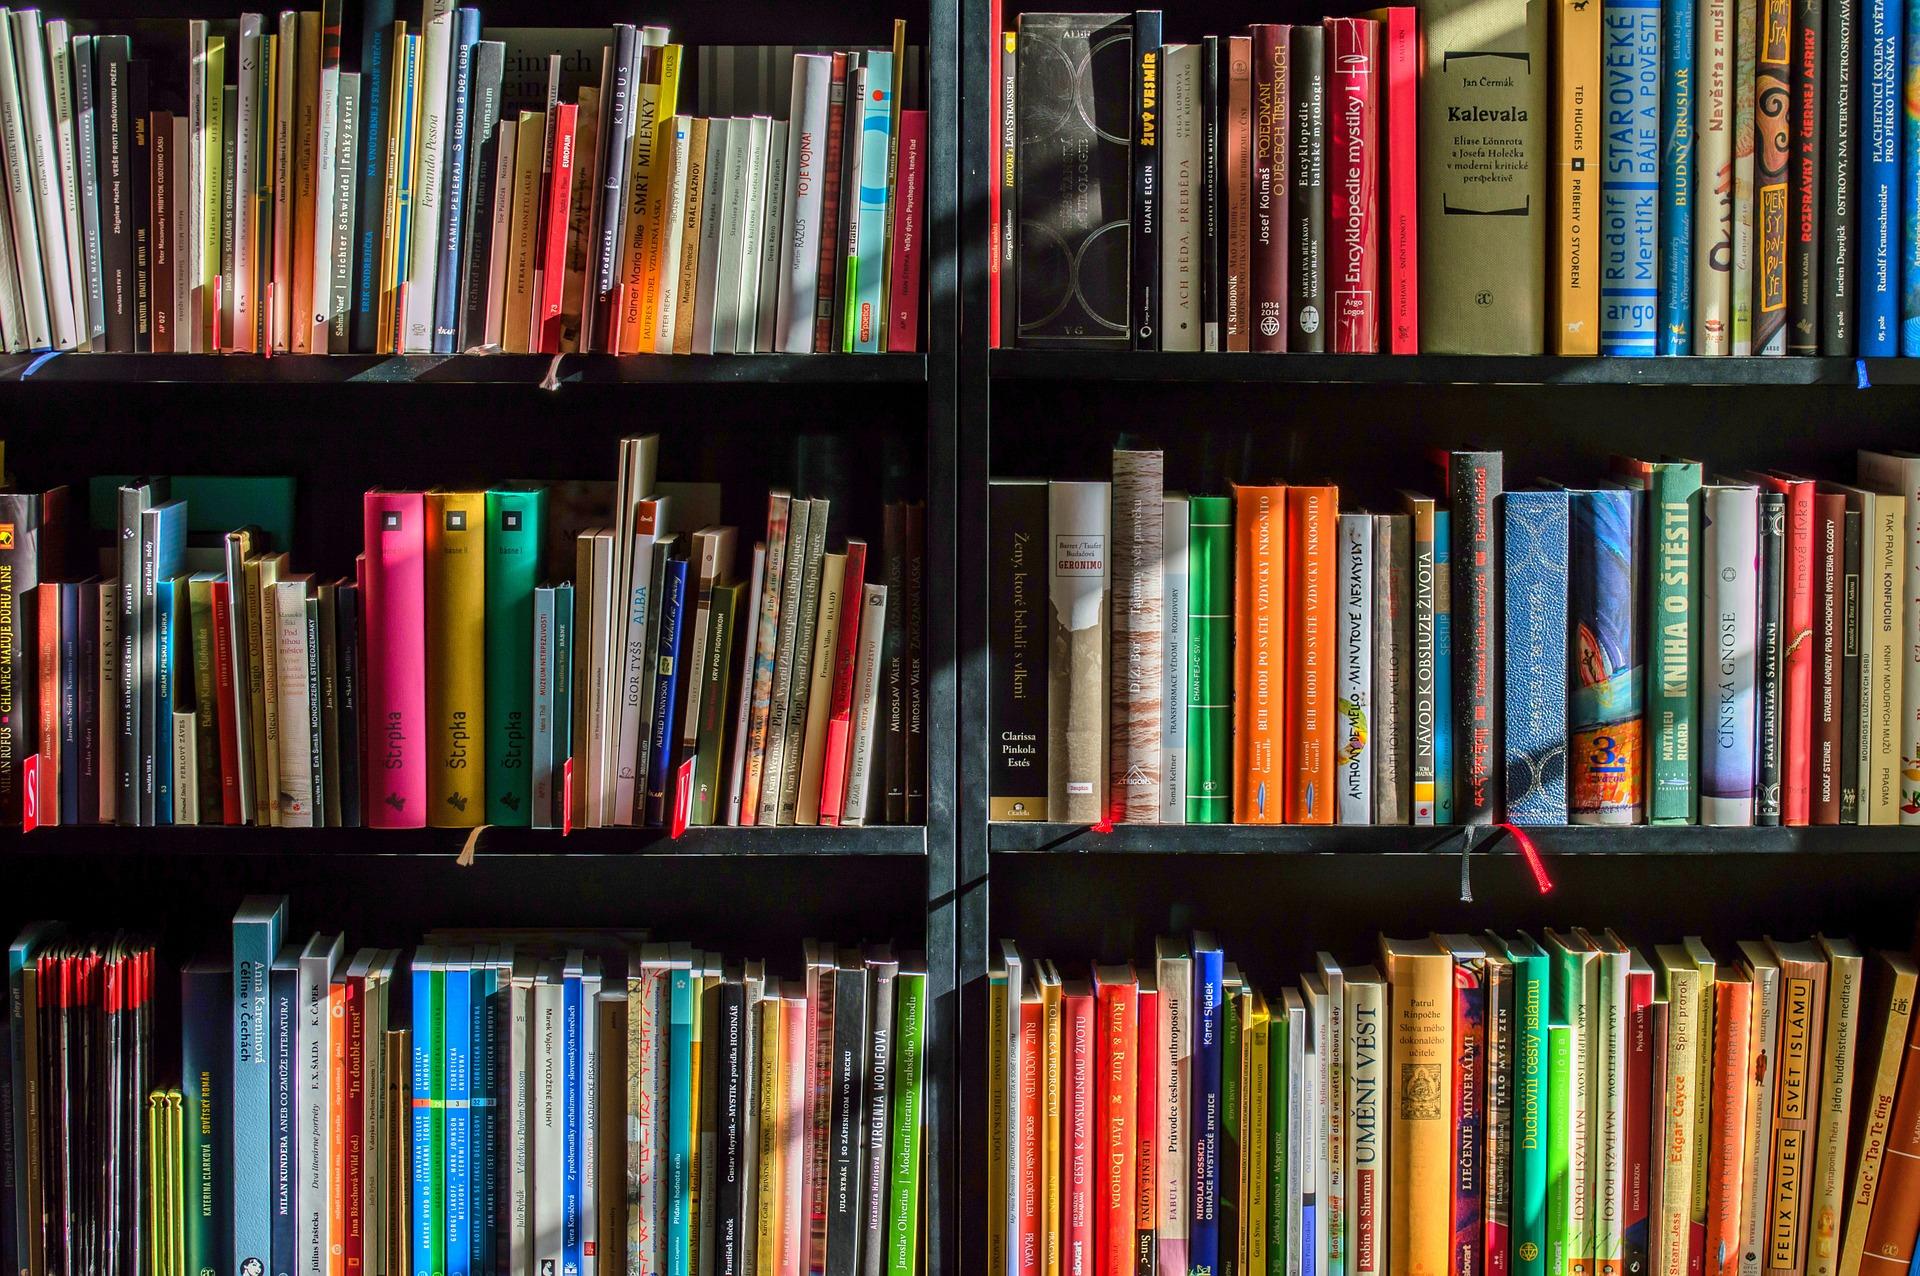 就活で失敗しない自己分析本の選び方とおすすめ8選